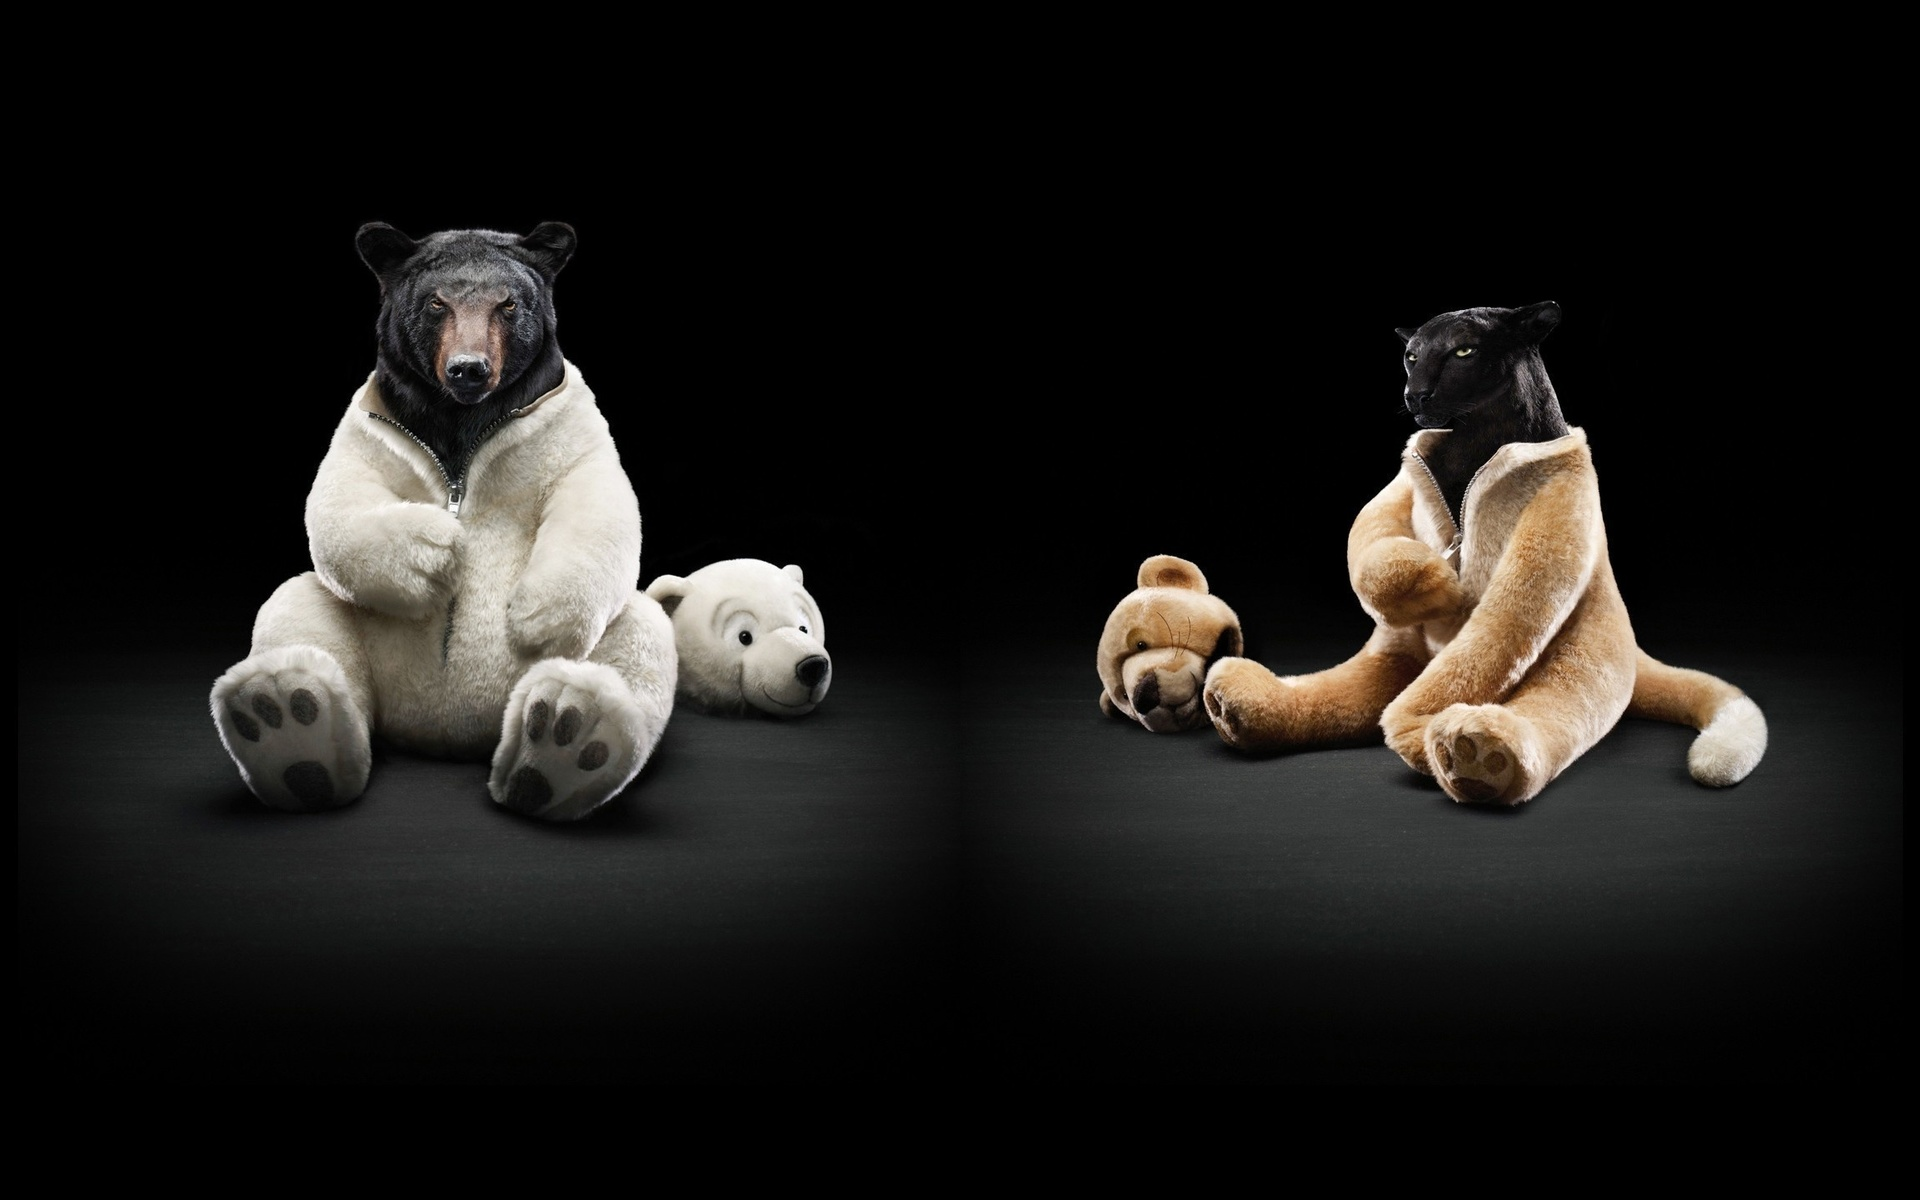 модель картинка бурый медведь в костюме белого она открыла удивительный